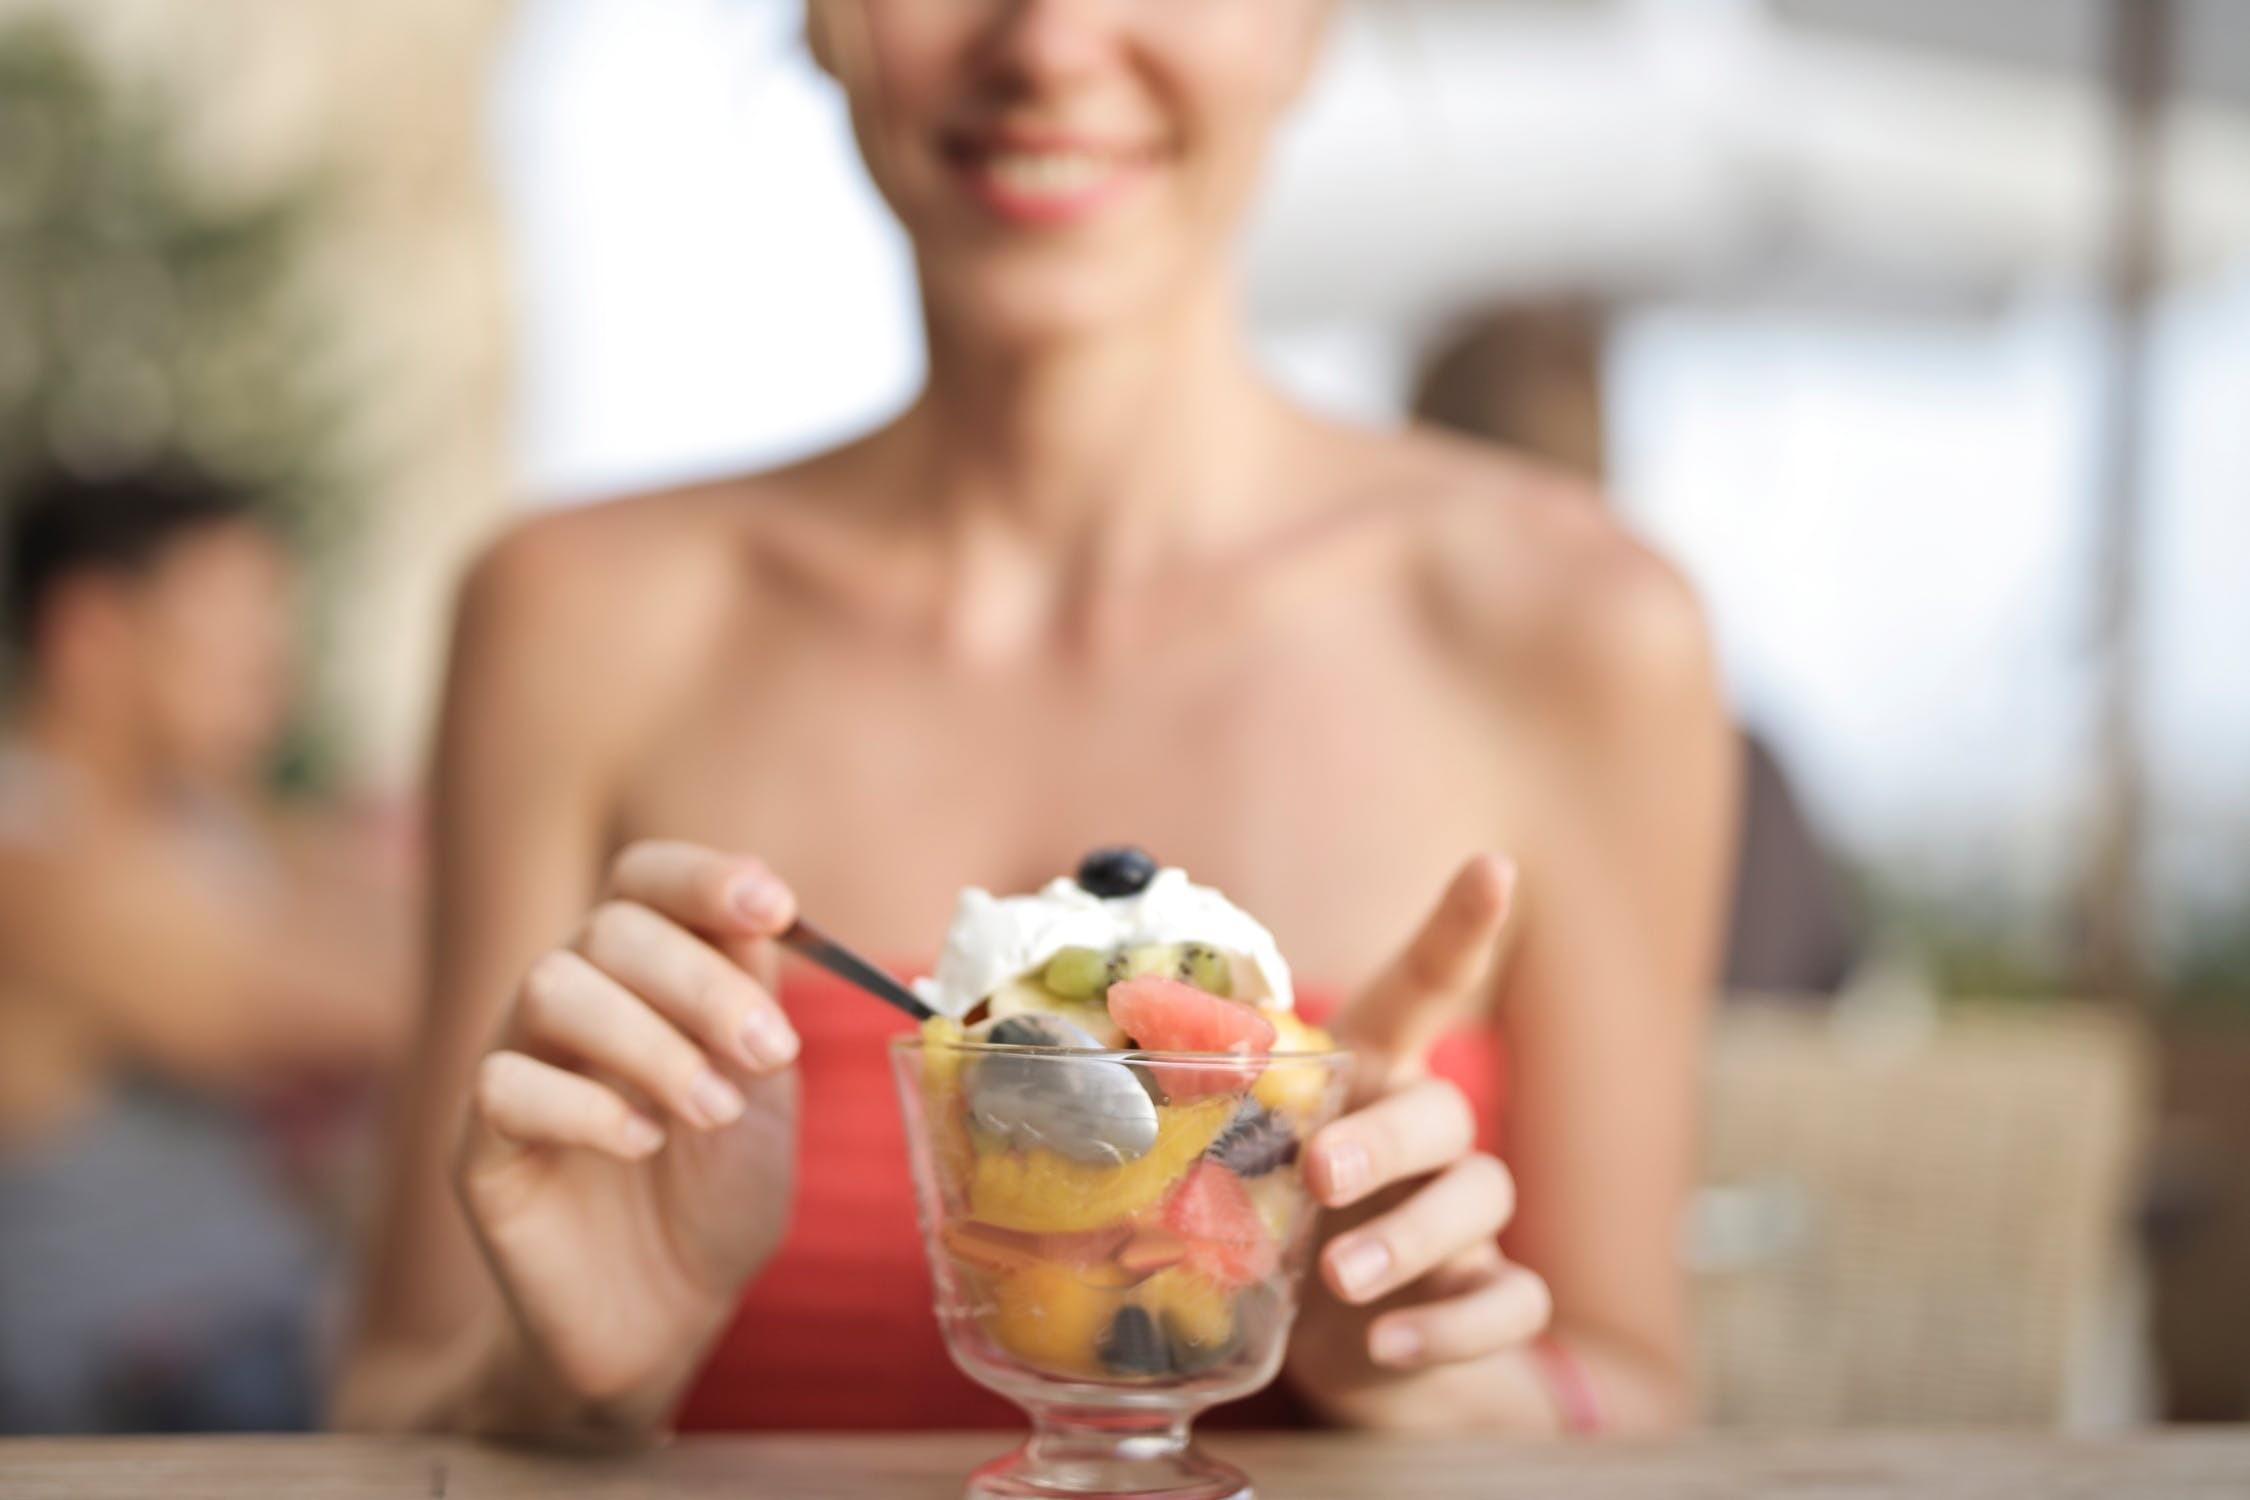 5 главных групп продуктов для худеющих: рекомендует диетолог